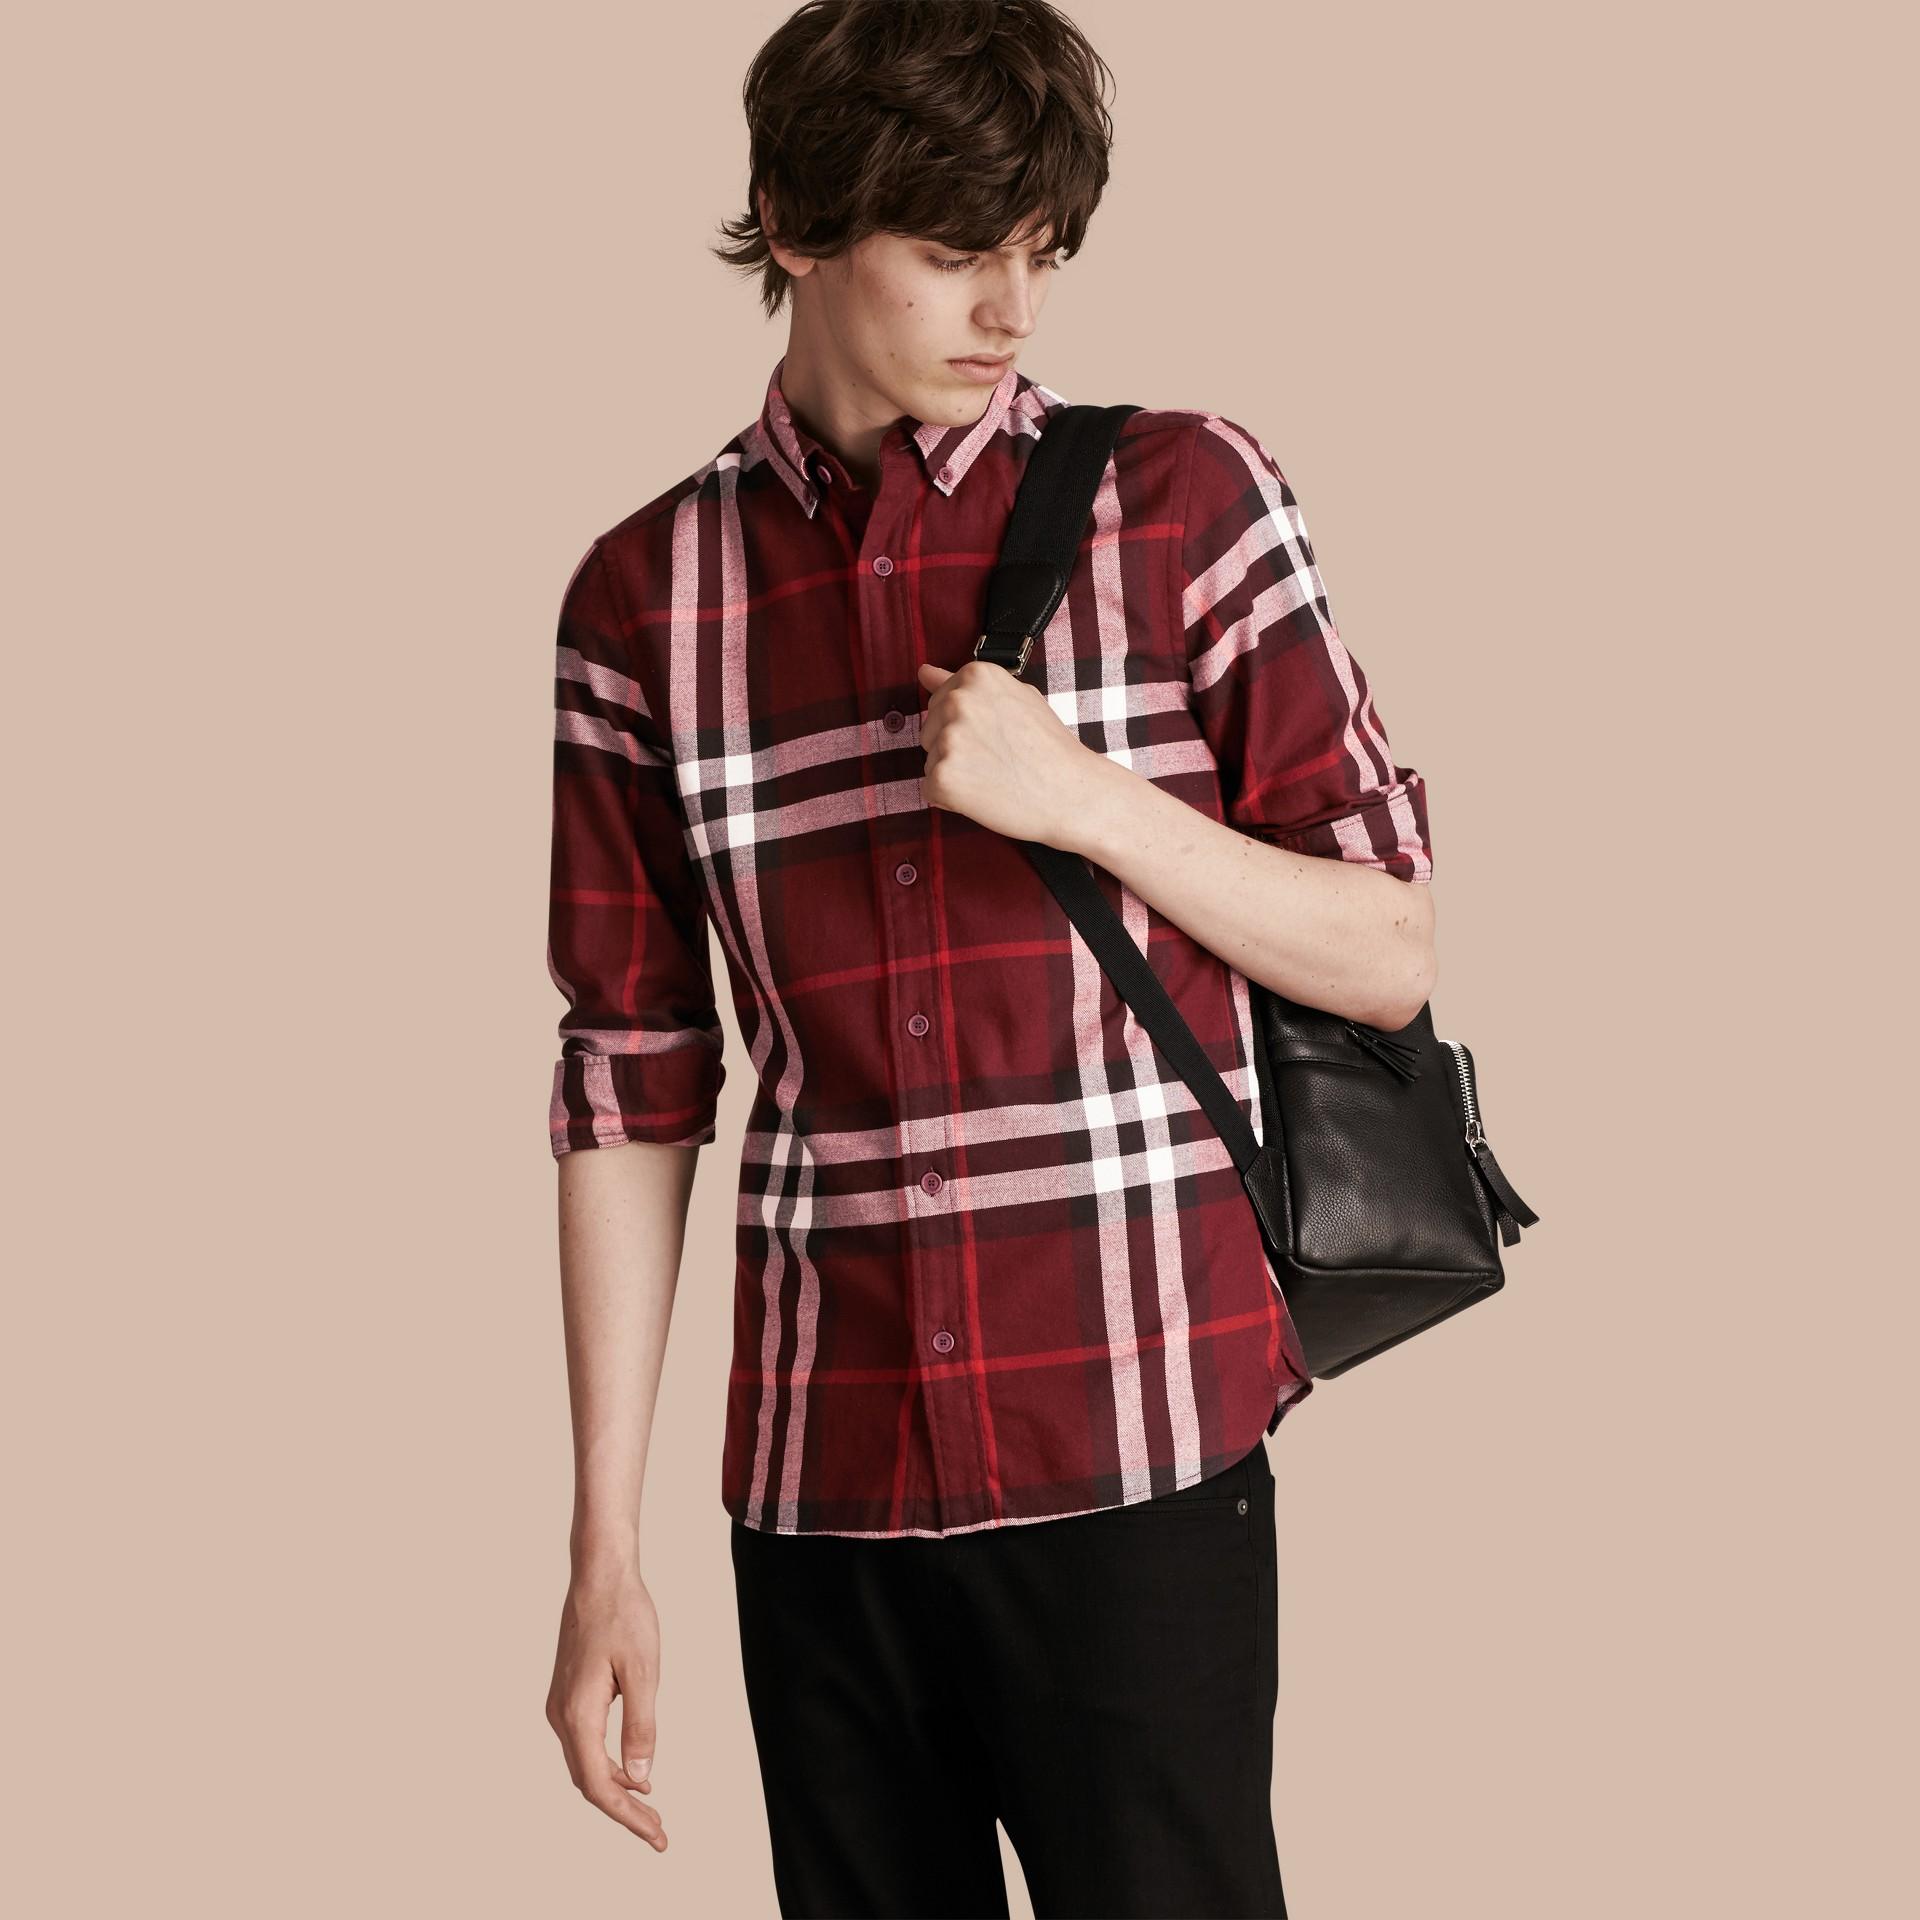 Weinrot Hemd aus Baumwollflanell mit Check-Muster Weinrot - Galerie-Bild 1